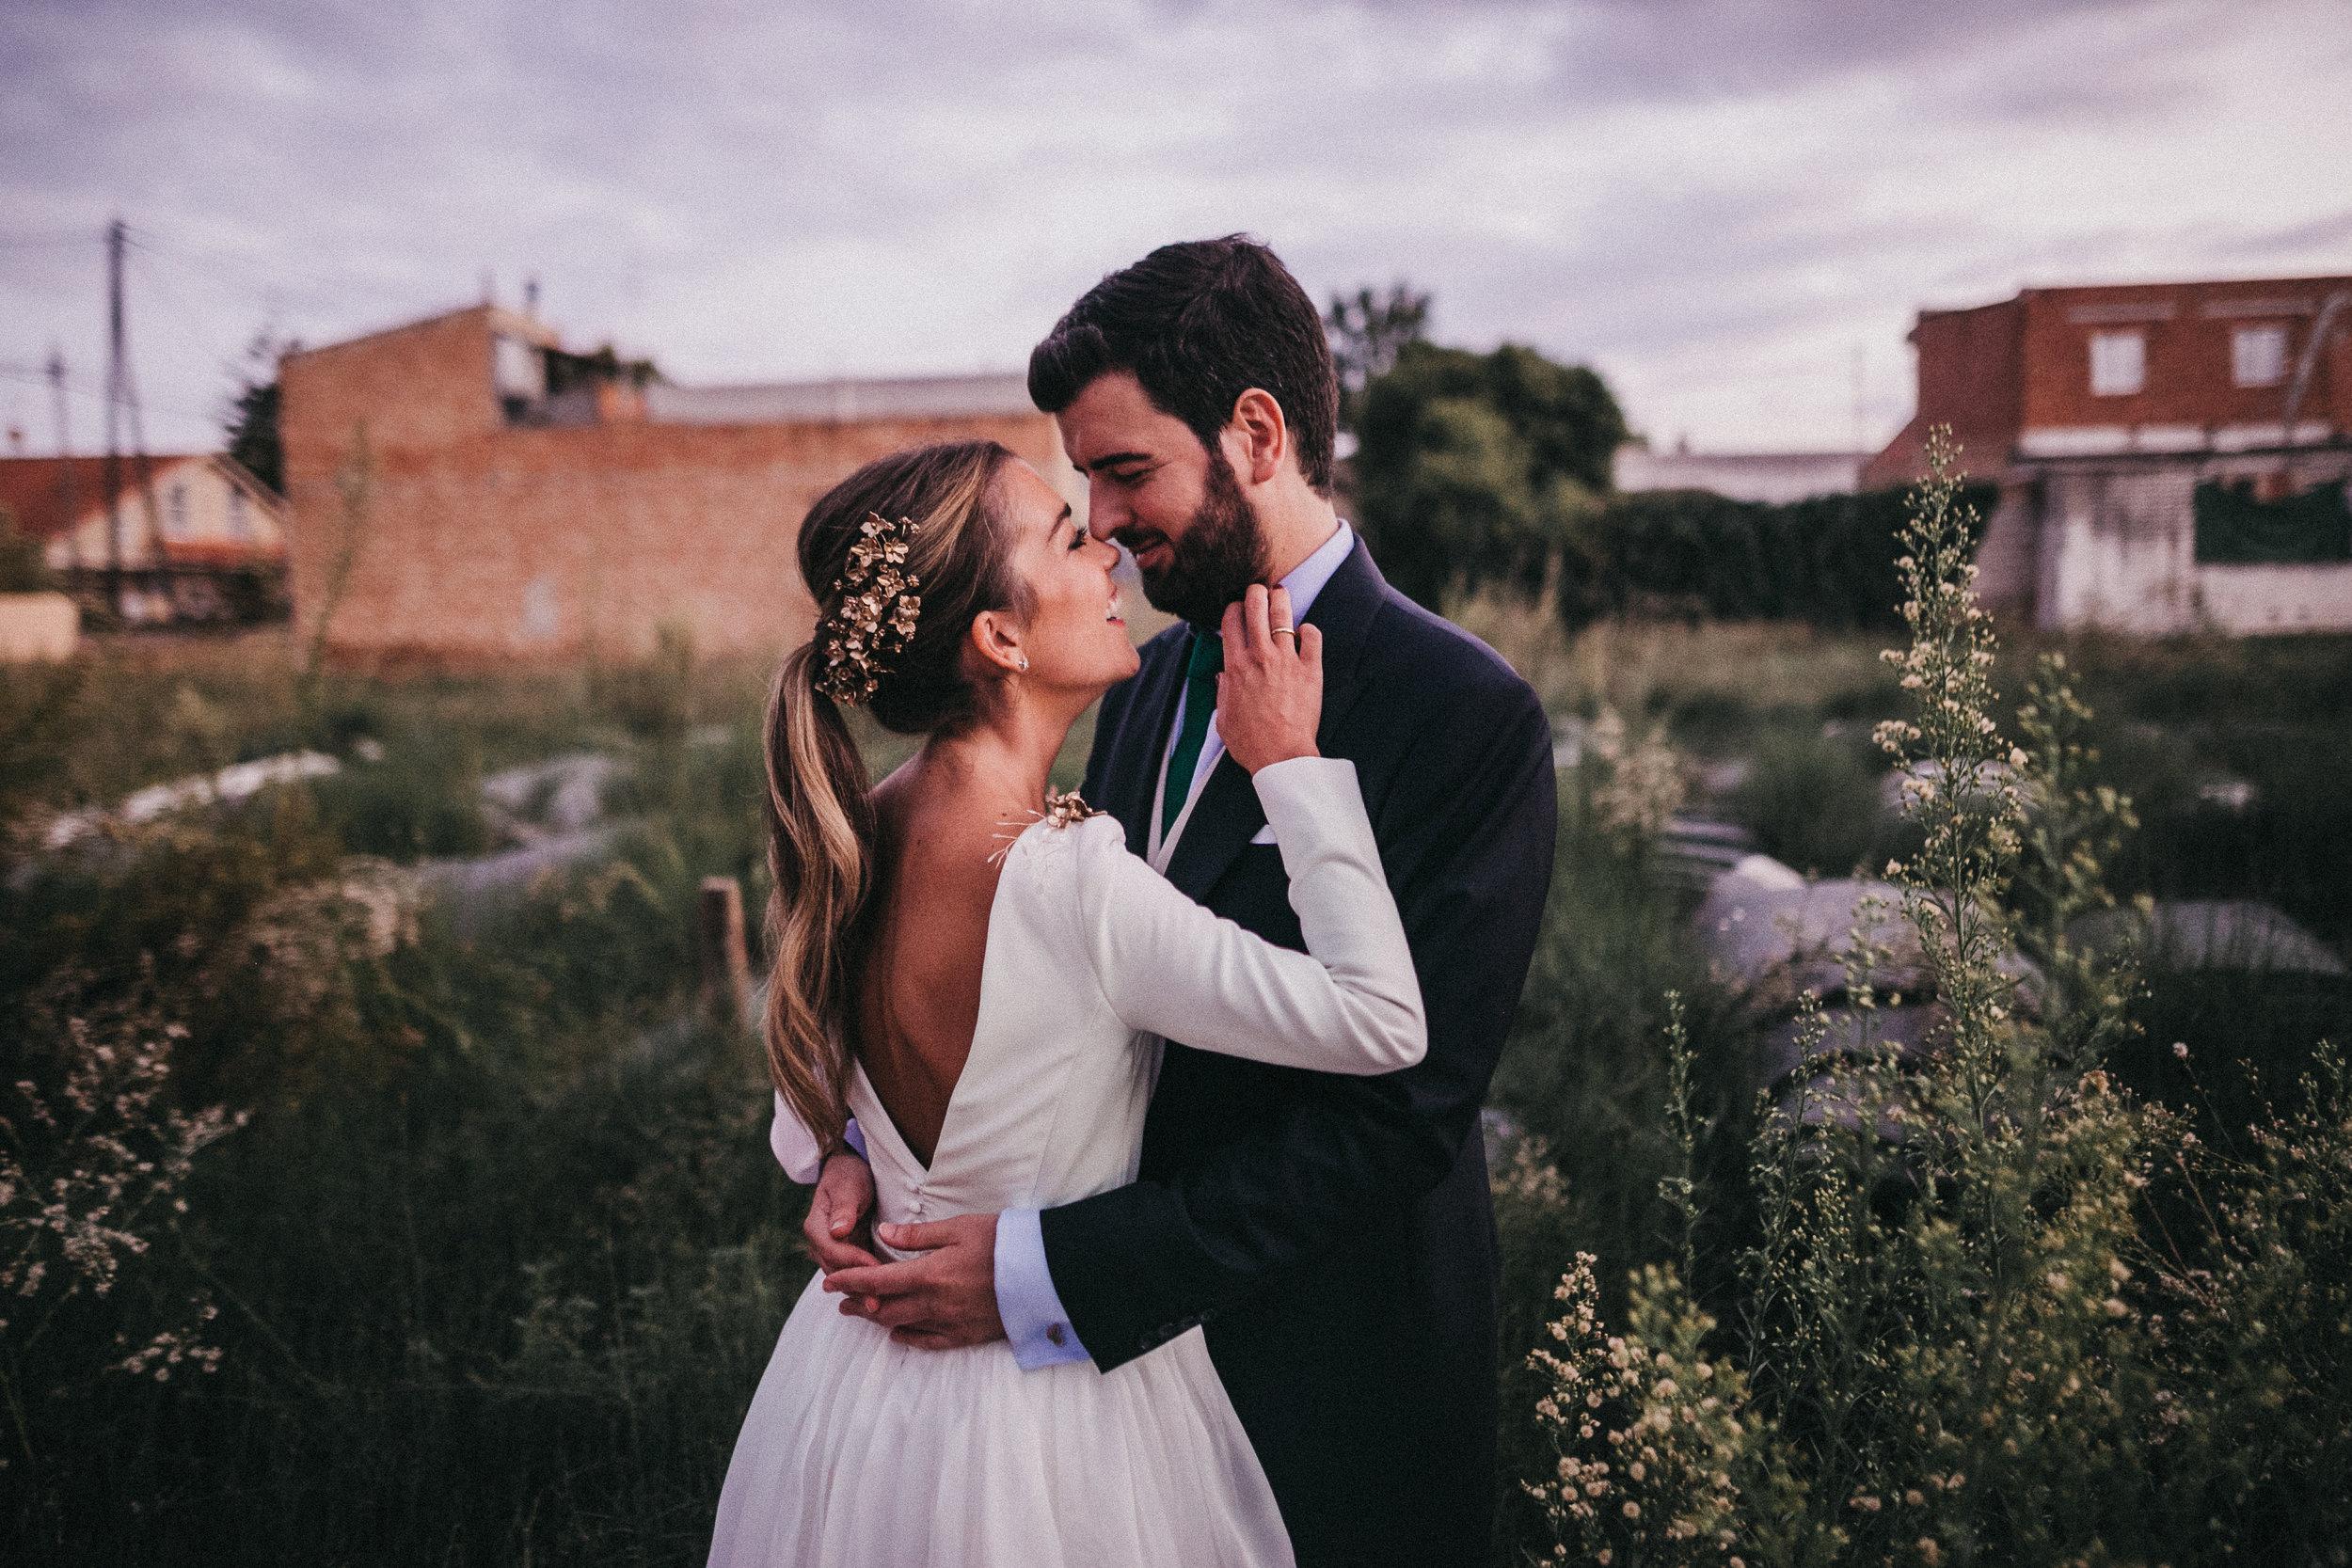 Fotografo de bodas españa serafin castillo wedding photographer spain 034.jpg